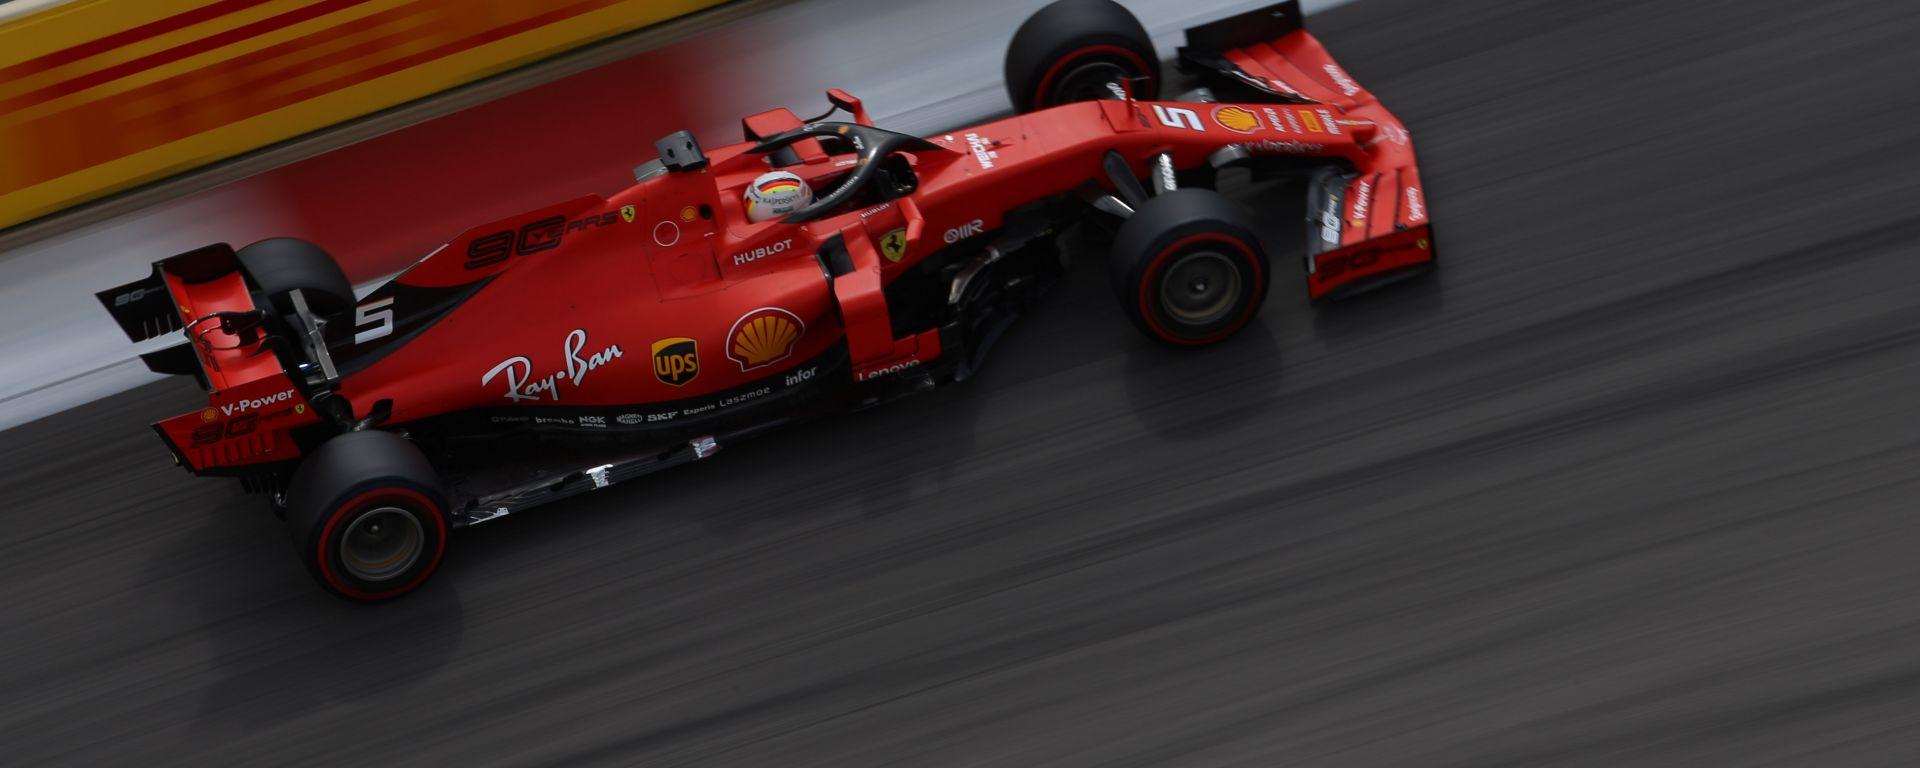 F1 GP Russia 2019, Sochi: Sebastian Vettel (Ferrari) in pista durante le qualifiche